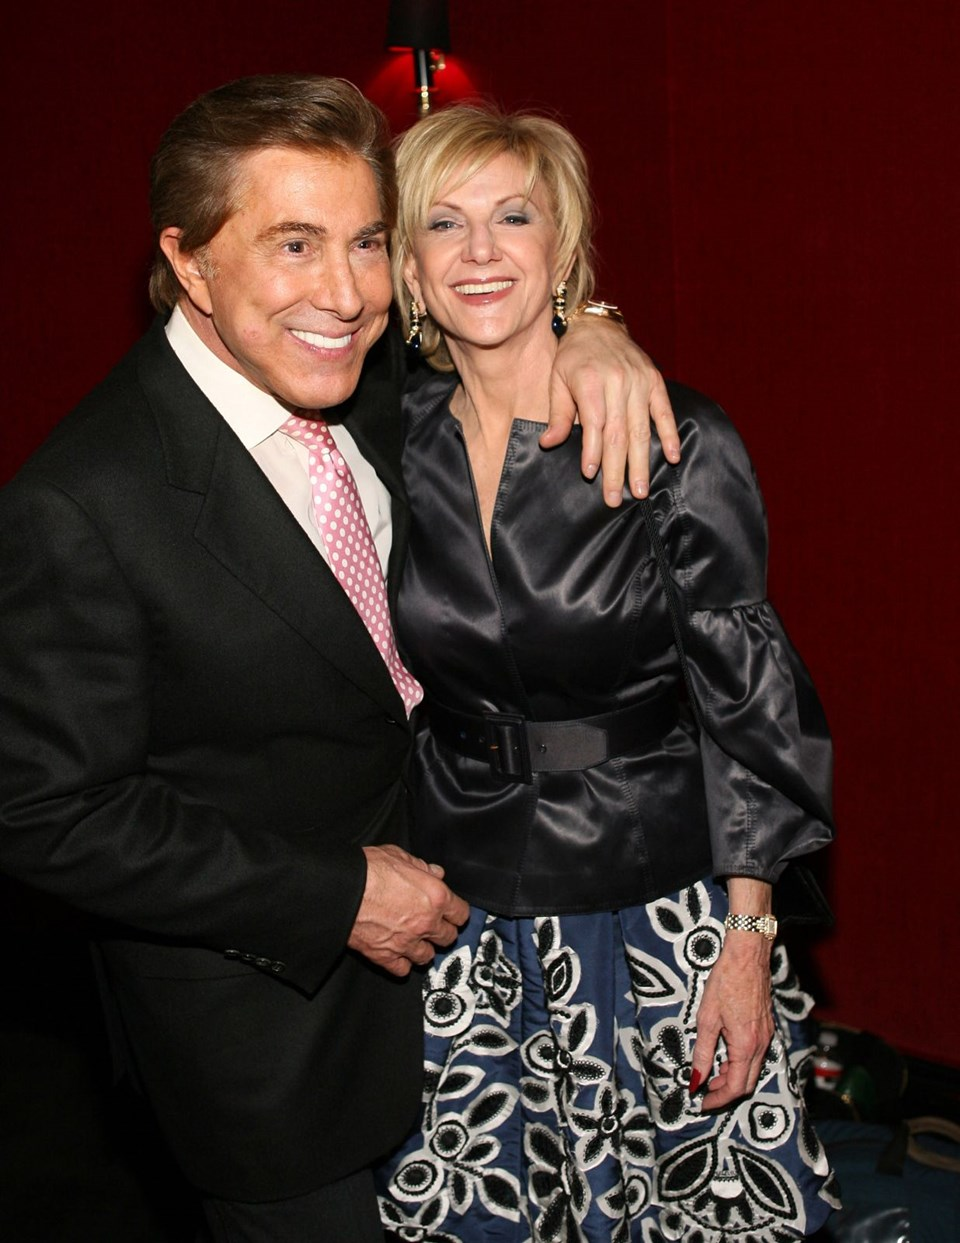 4. Steve ve Elaine Wynn 2010 - 1 milyar dolar